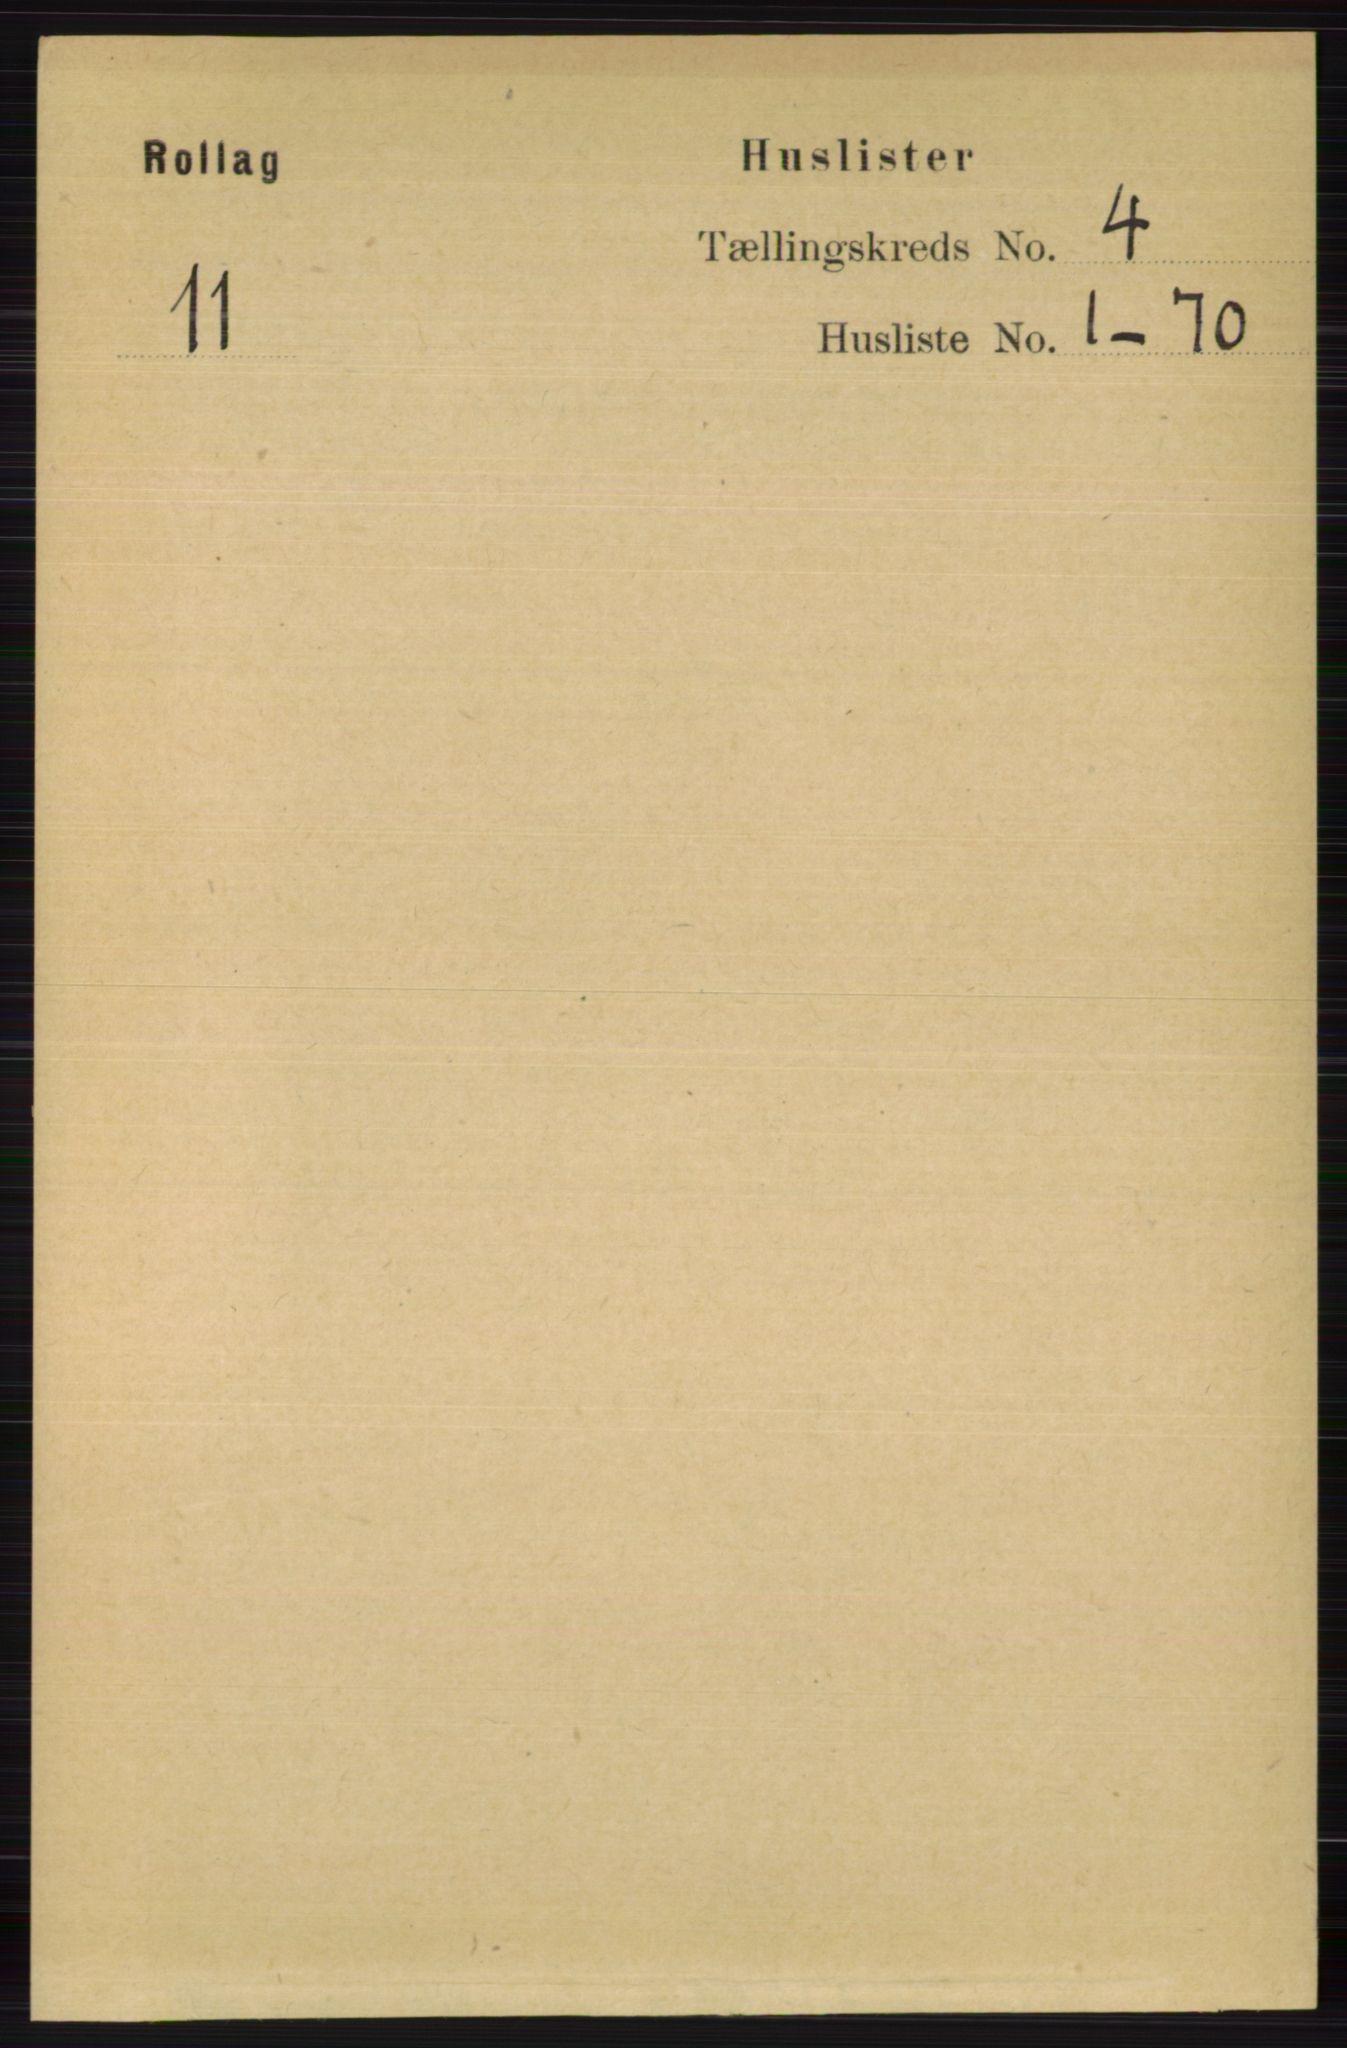 RA, Folketelling 1891 for 0632 Rollag herred, 1891, s. 1209